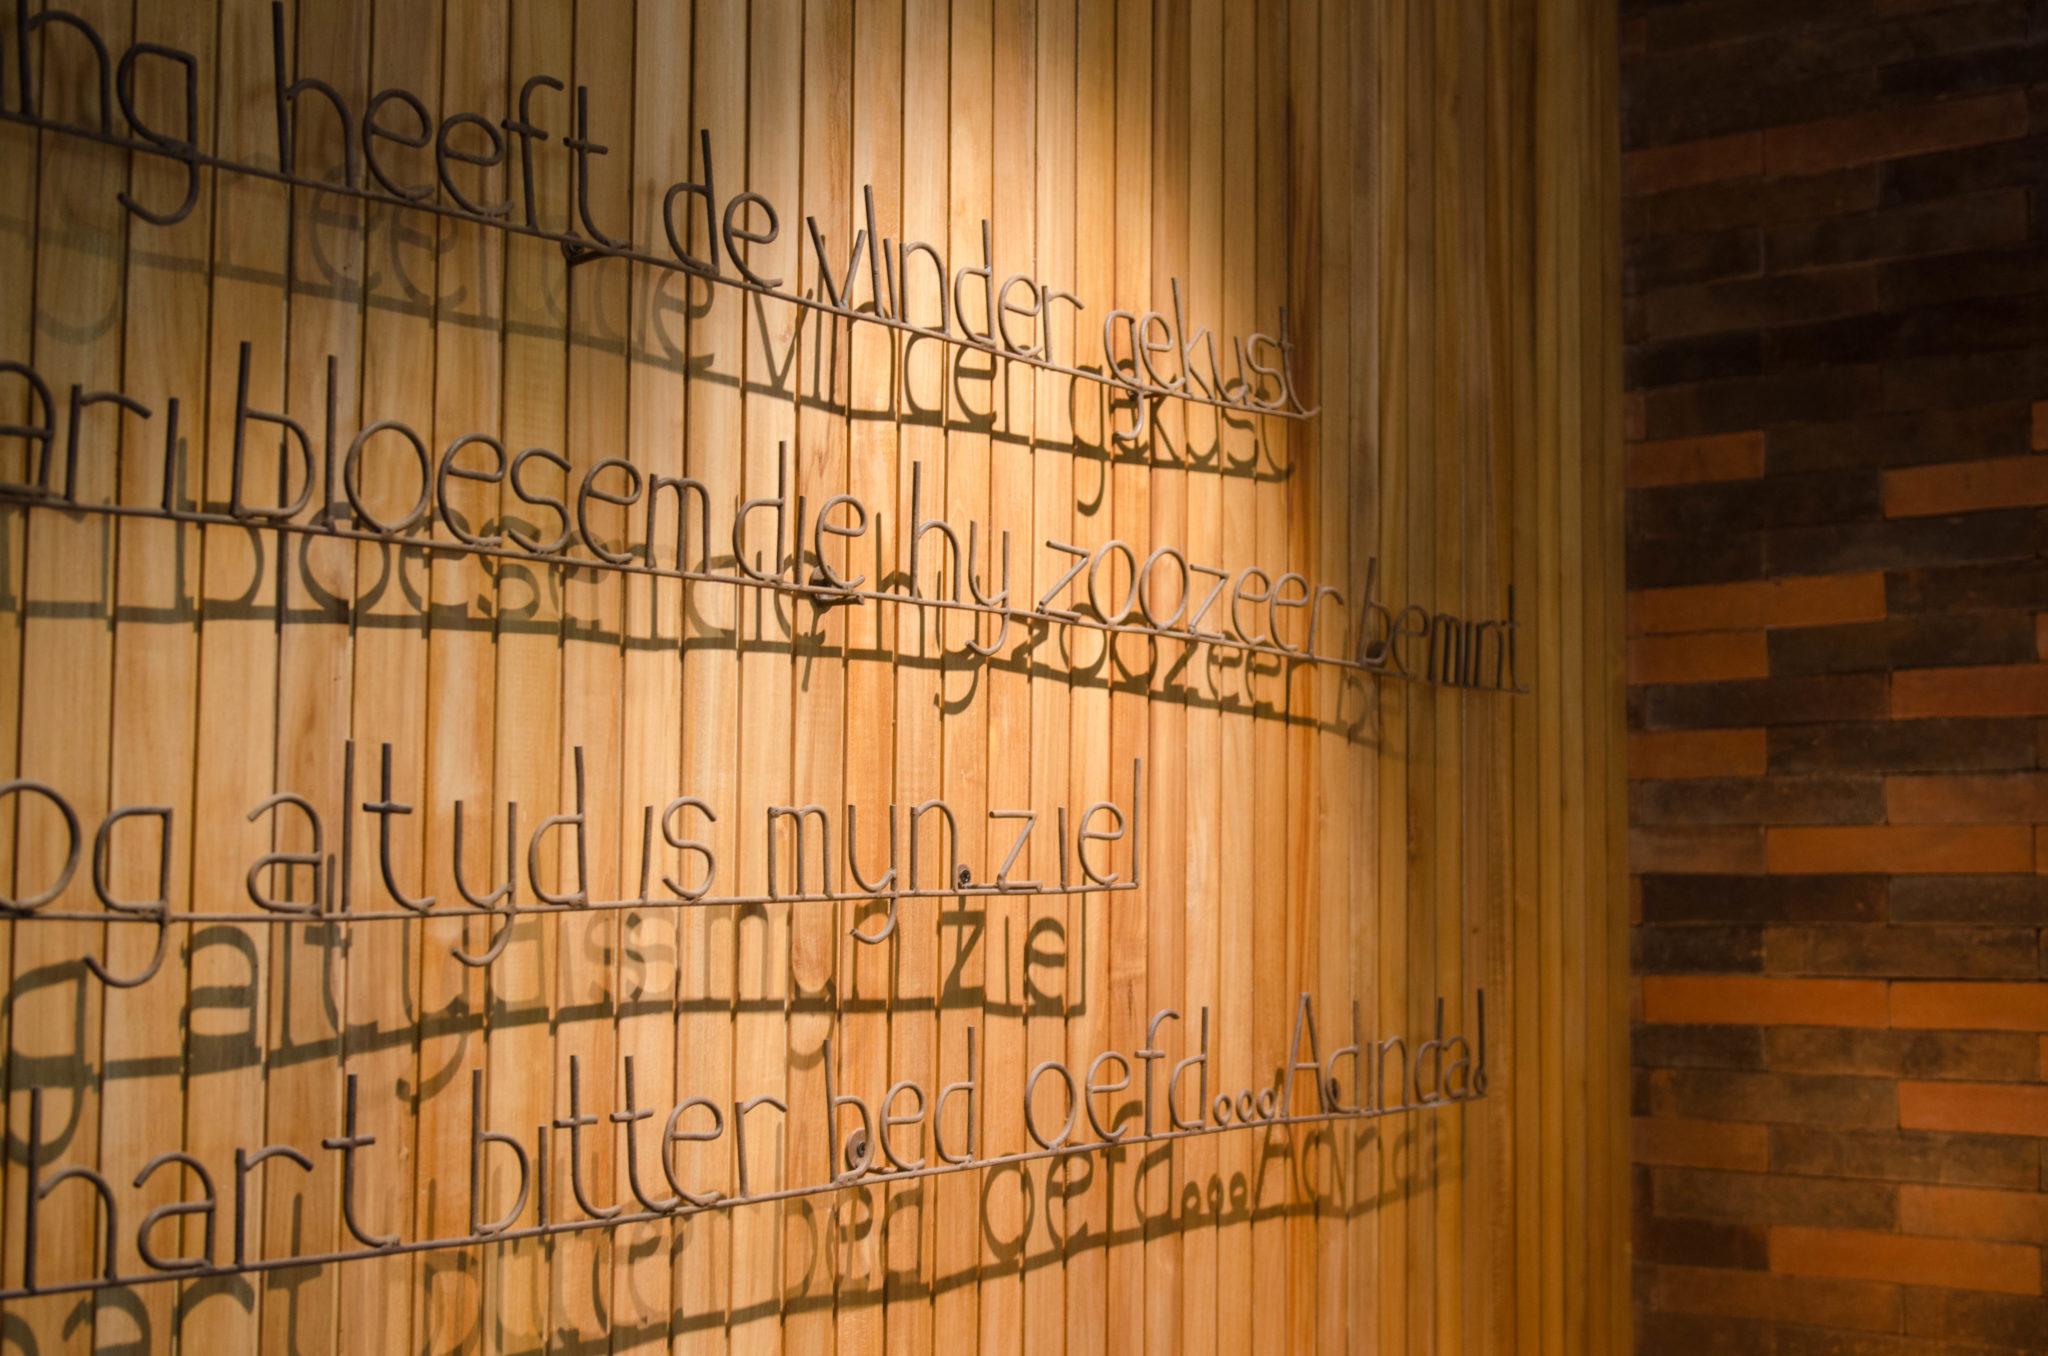 Die Wand im Hotelzimmer ziert ein Spruch